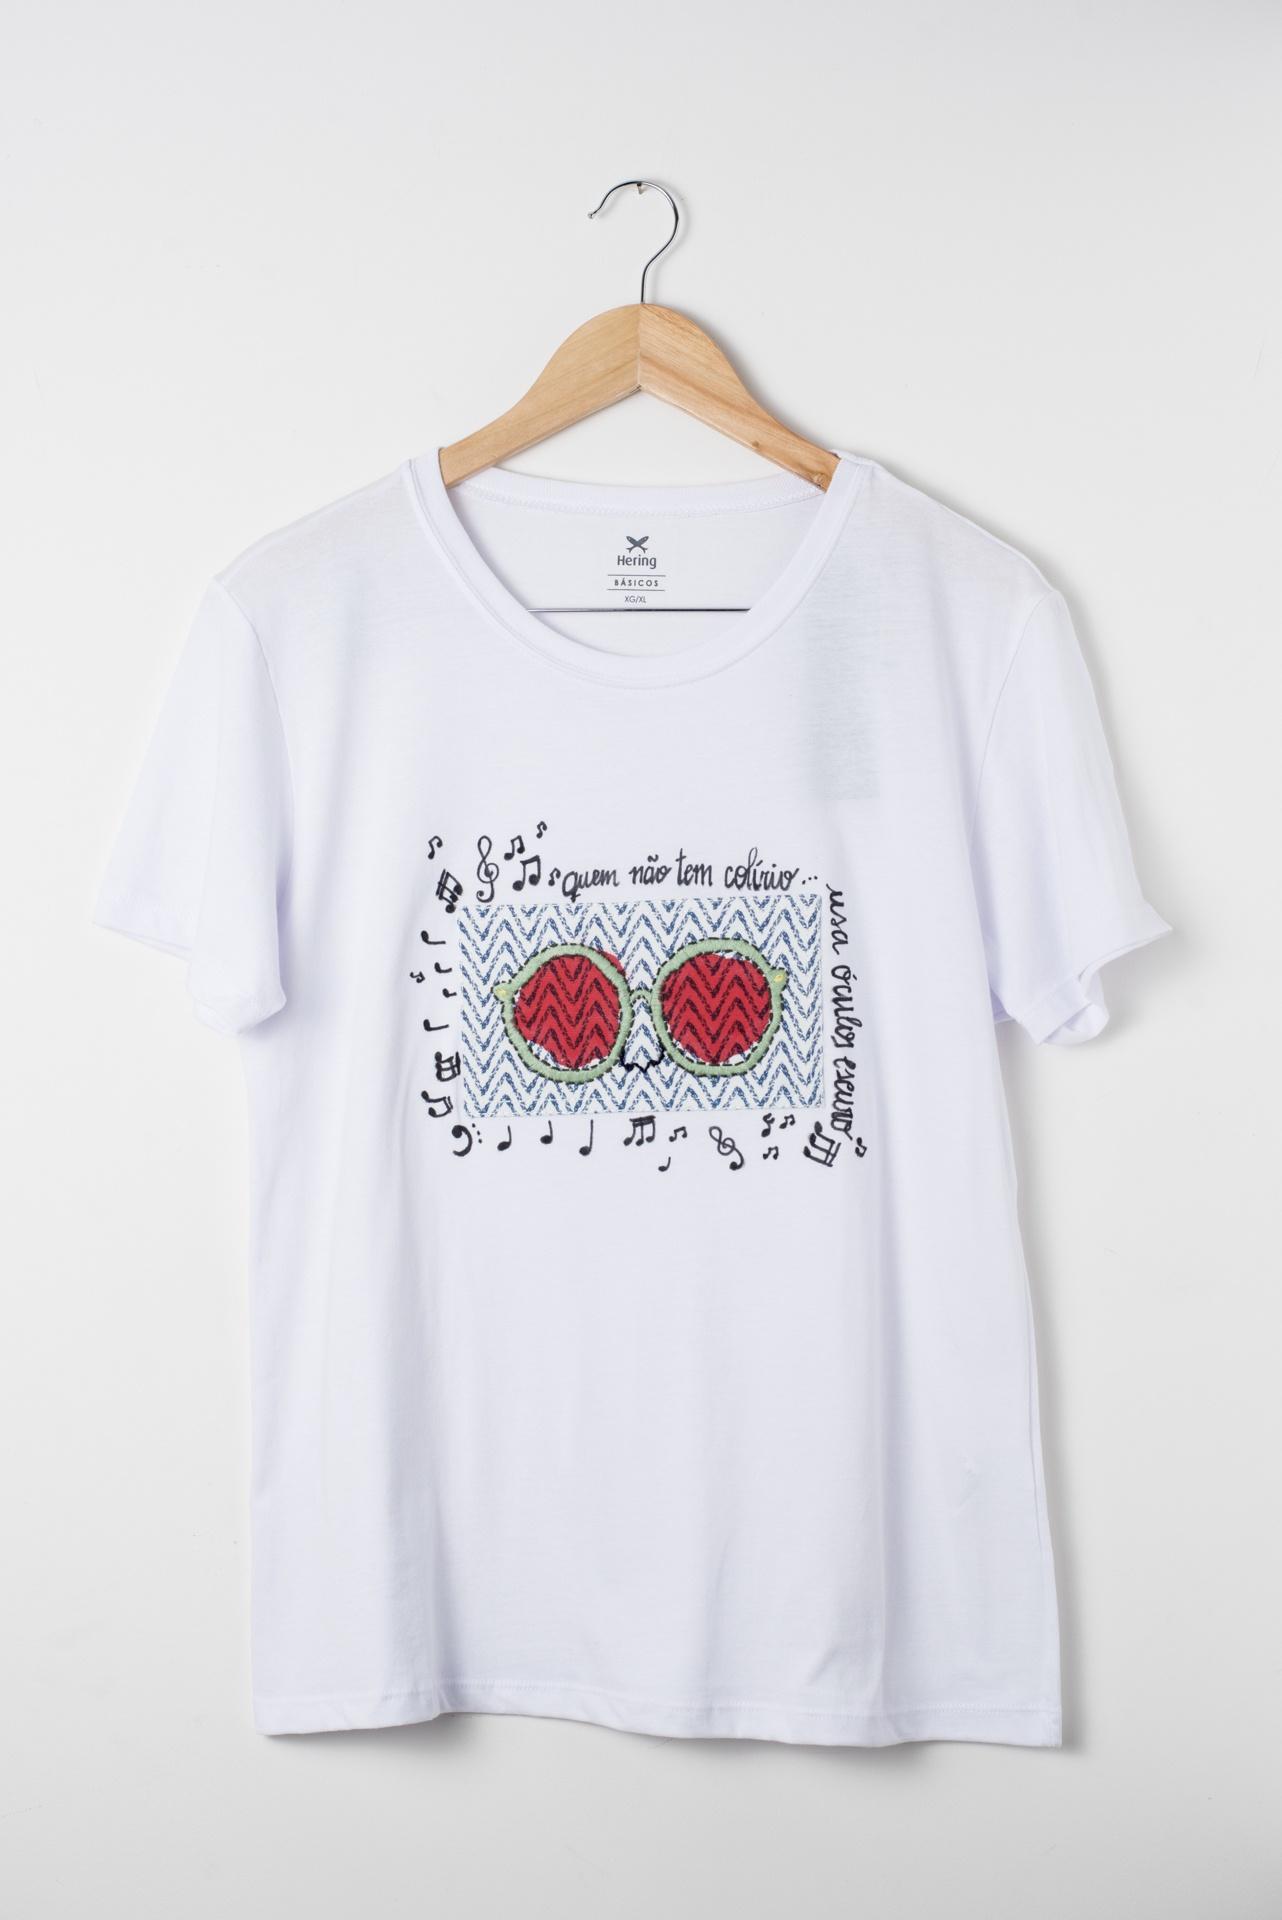 Camiseta bordada Eu uso óculos escuros 1 - Delicates